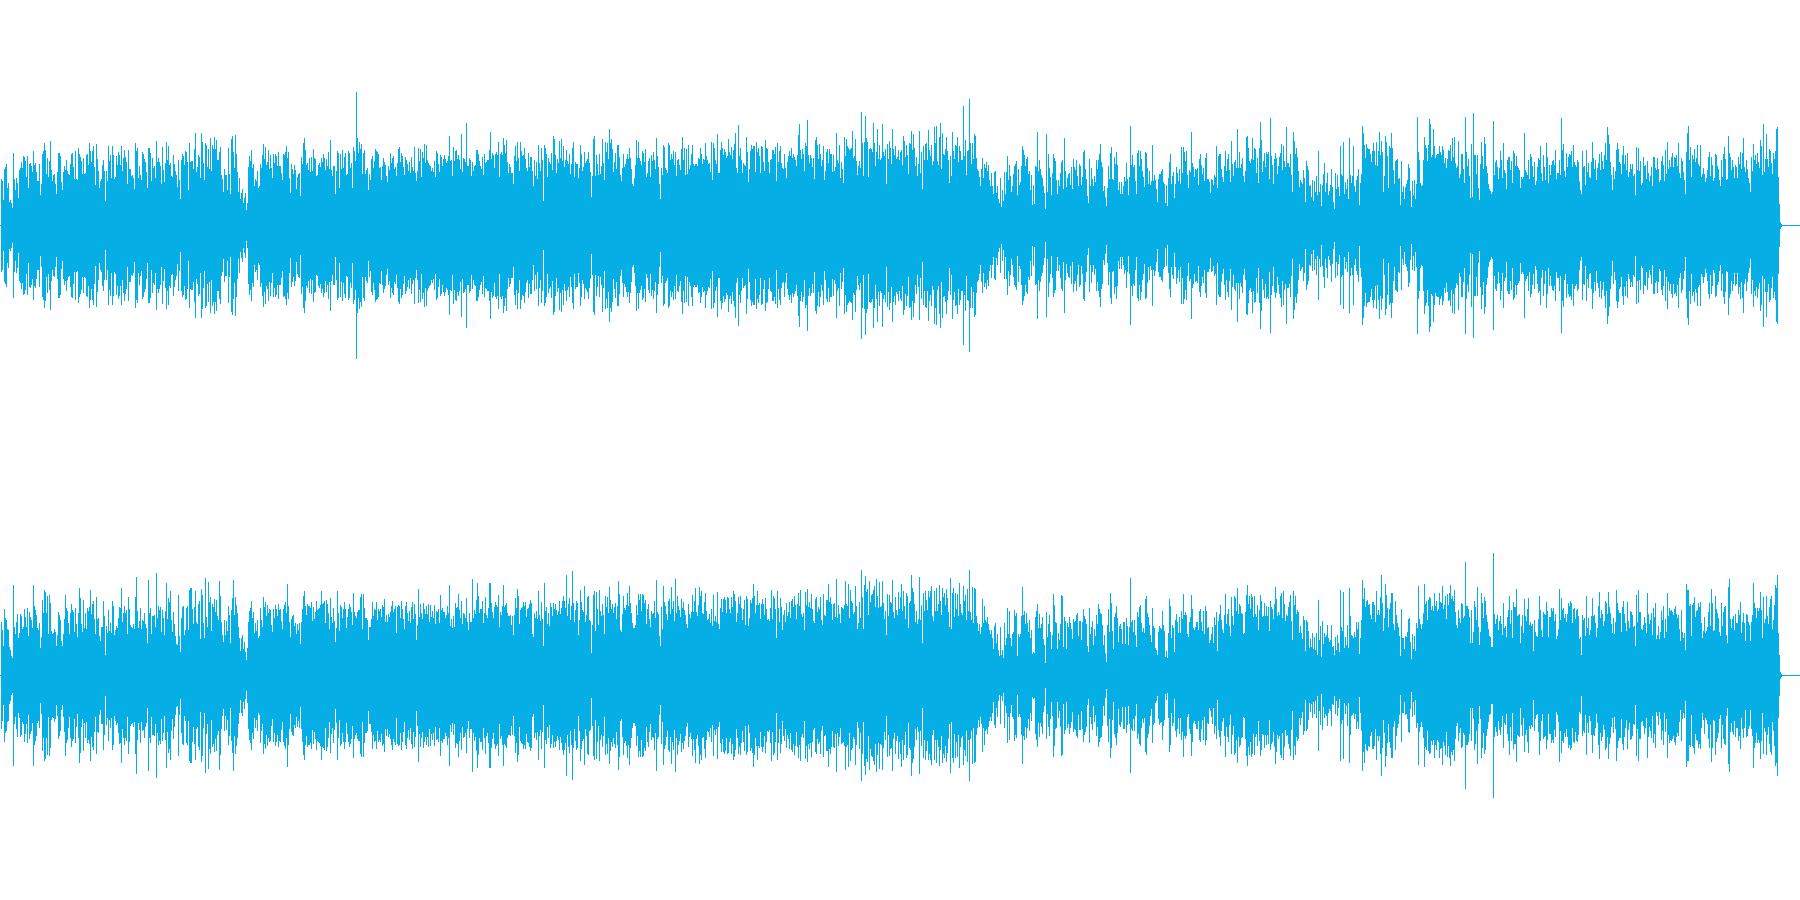 軽快なジャズピアノトリオ2の再生済みの波形